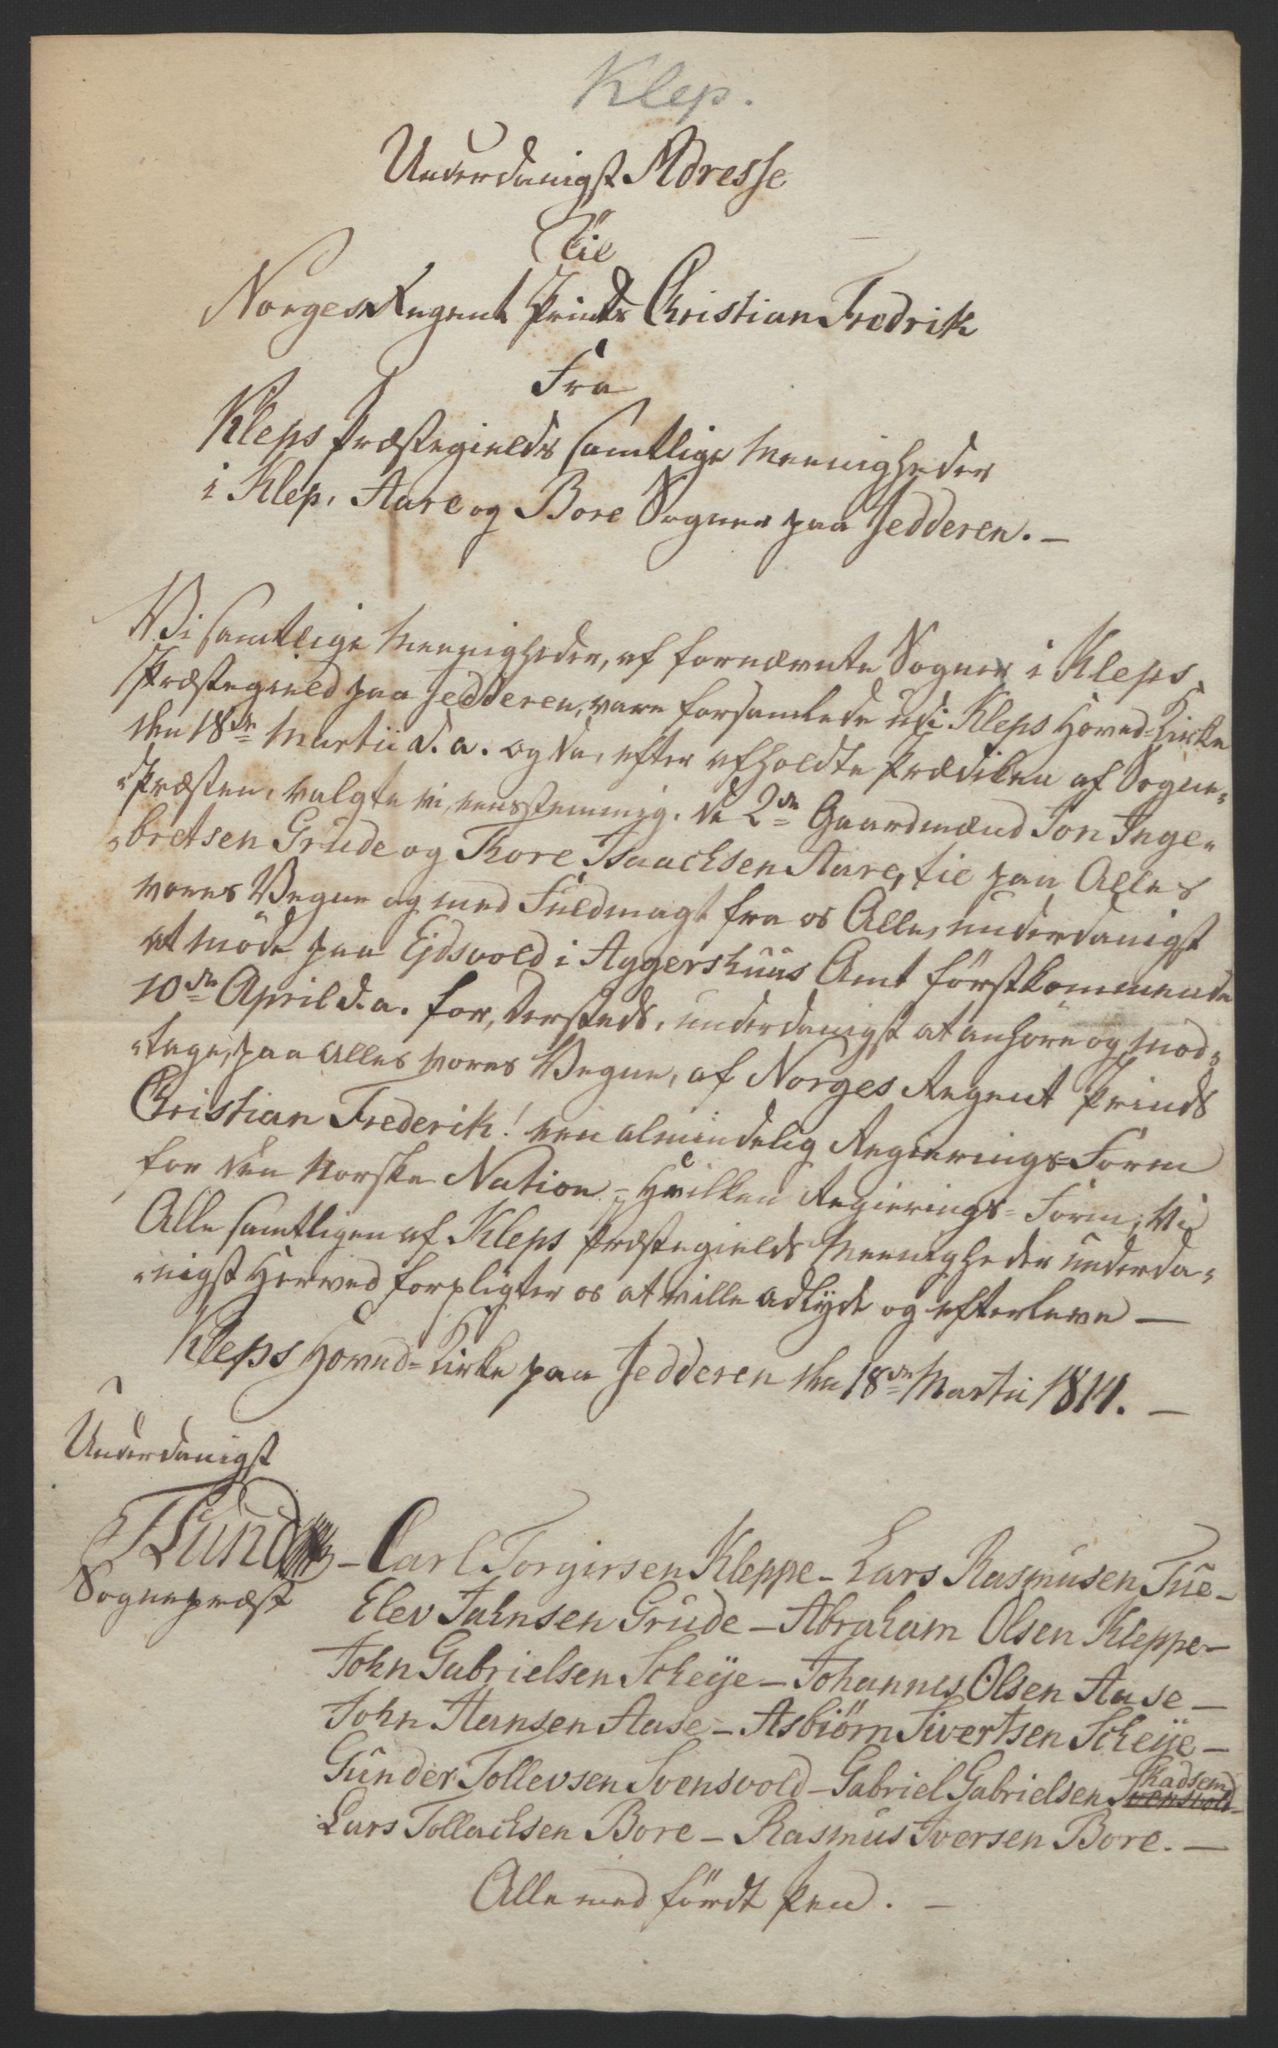 RA, Statsrådssekretariatet, D/Db/L0008: Fullmakter for Eidsvollsrepresentantene i 1814. , 1814, s. 233